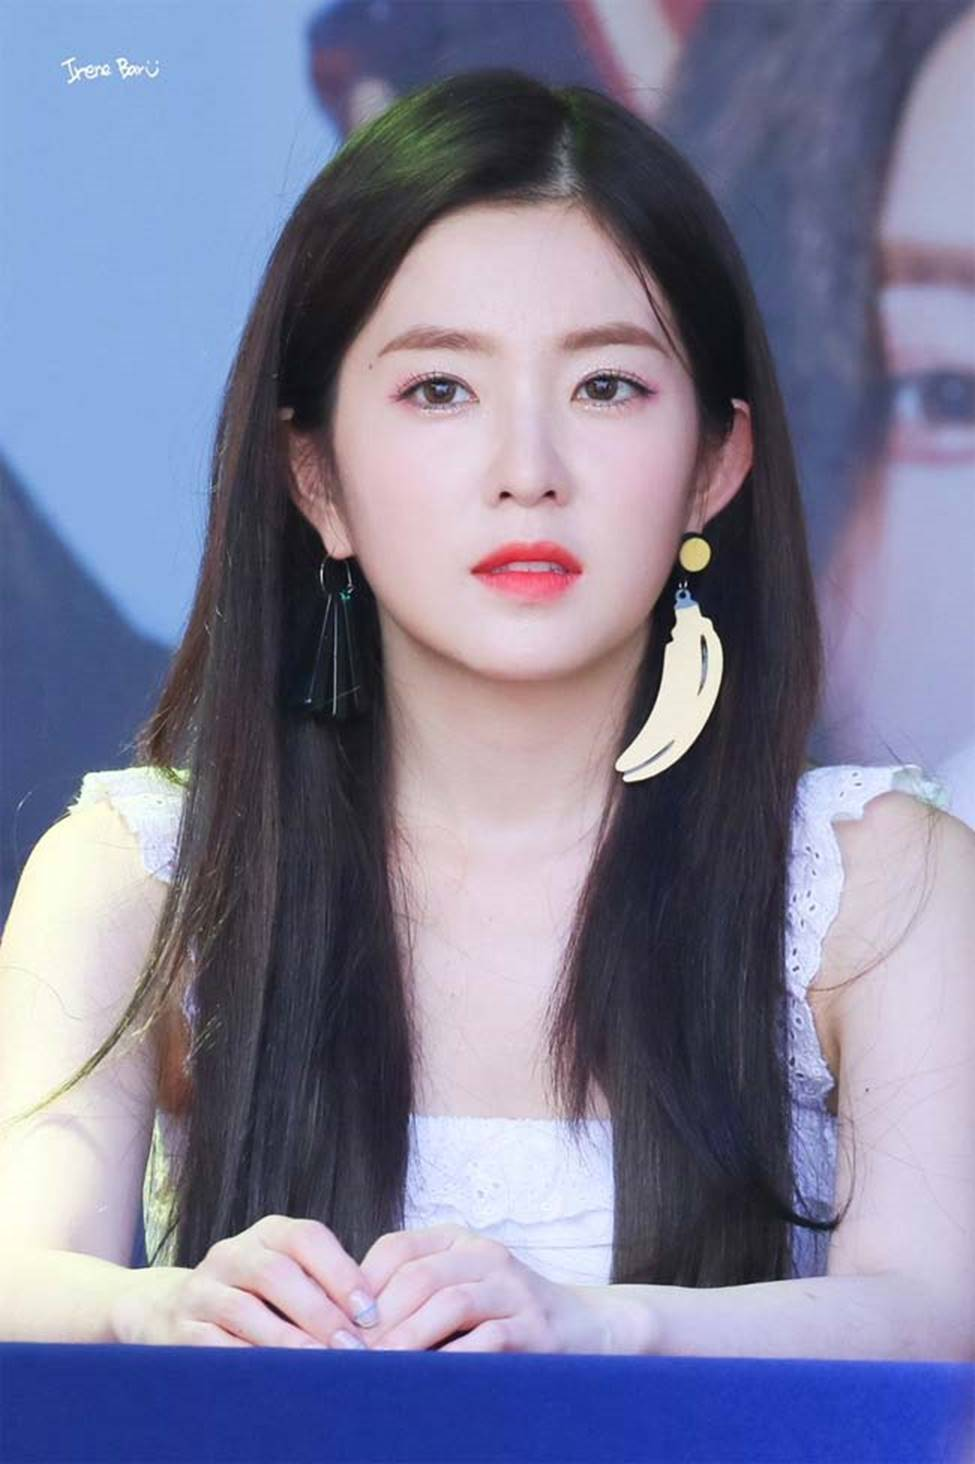 Mỹ nhân Hàn khiến người ta phải khiếp sợ vì quá xinh đẹp-13